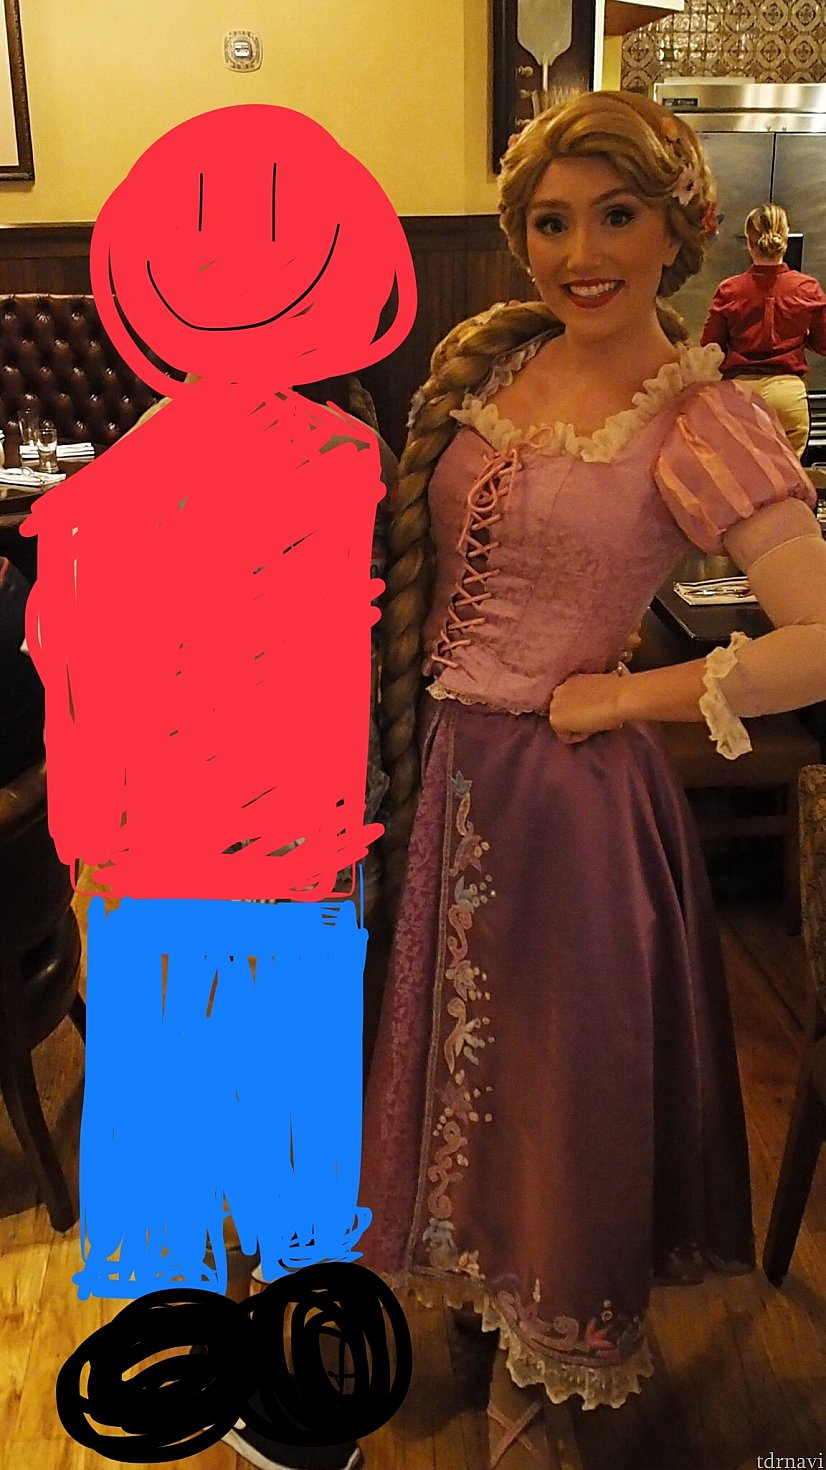 ラプンツェル登場のときにユージーンが迎えに行きます。店内一周してからテーブルを回ります。 日本から来たと伝えたらカタコトのアリガトウを言ってくれました!